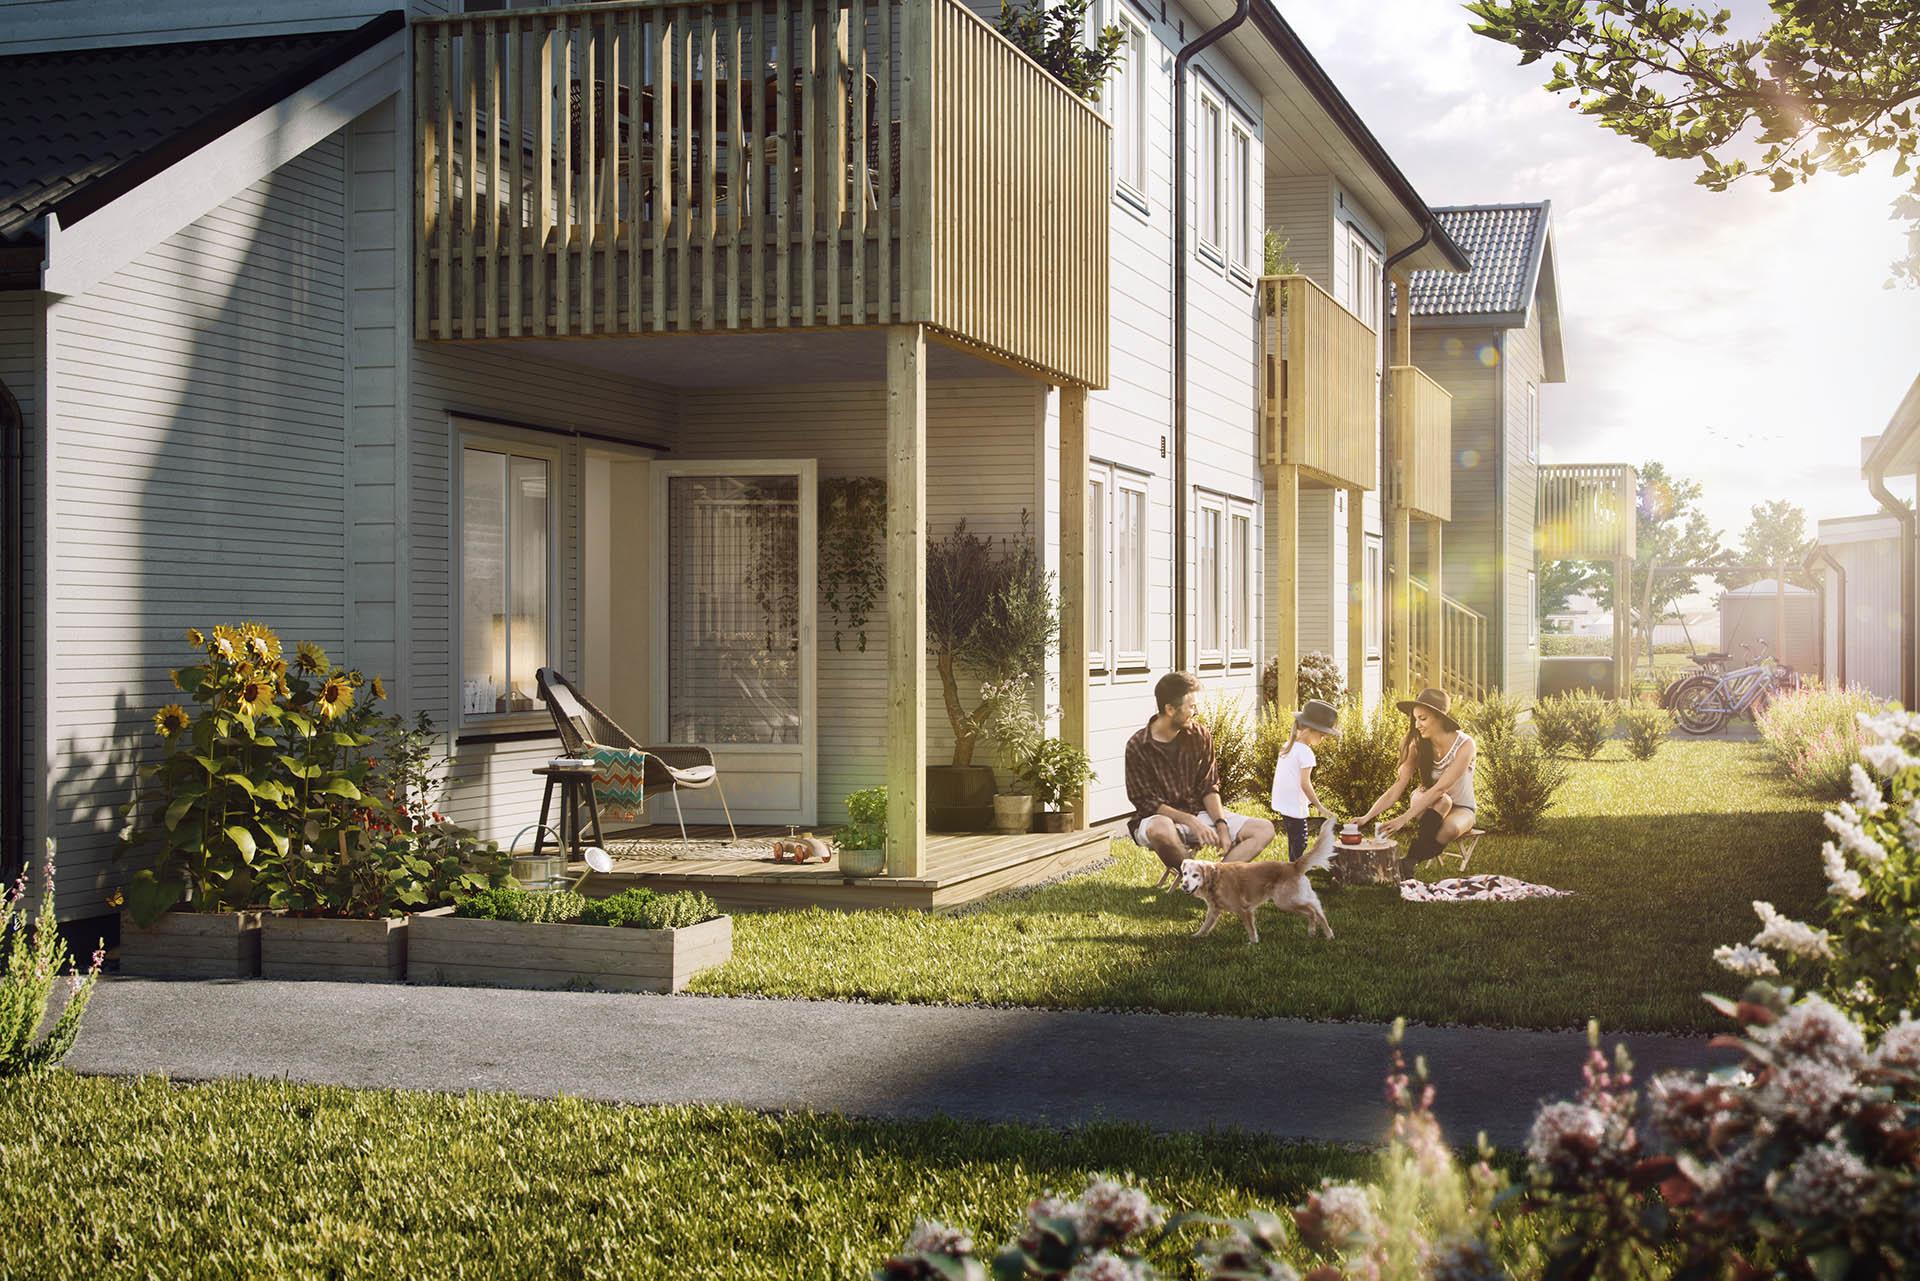 Virtuell visning er et enestående pedagogisk 3D-verktøy for å vise fram en ny bolig. Nesten som å være der.